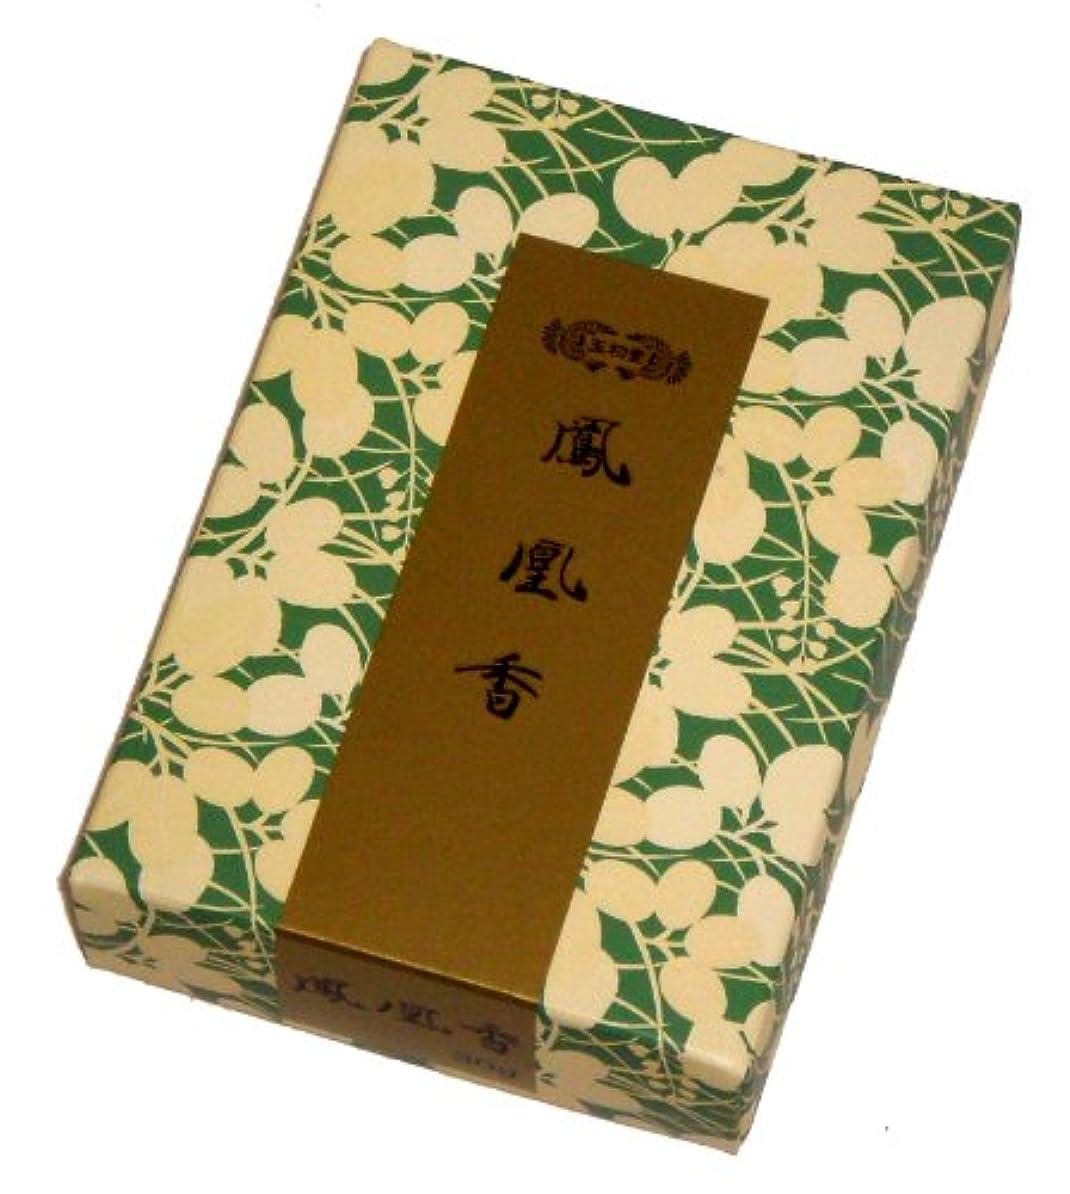 マーガレットミッチェルバラバラにする迫害する玉初堂のお香 鳳凰香 30g #685